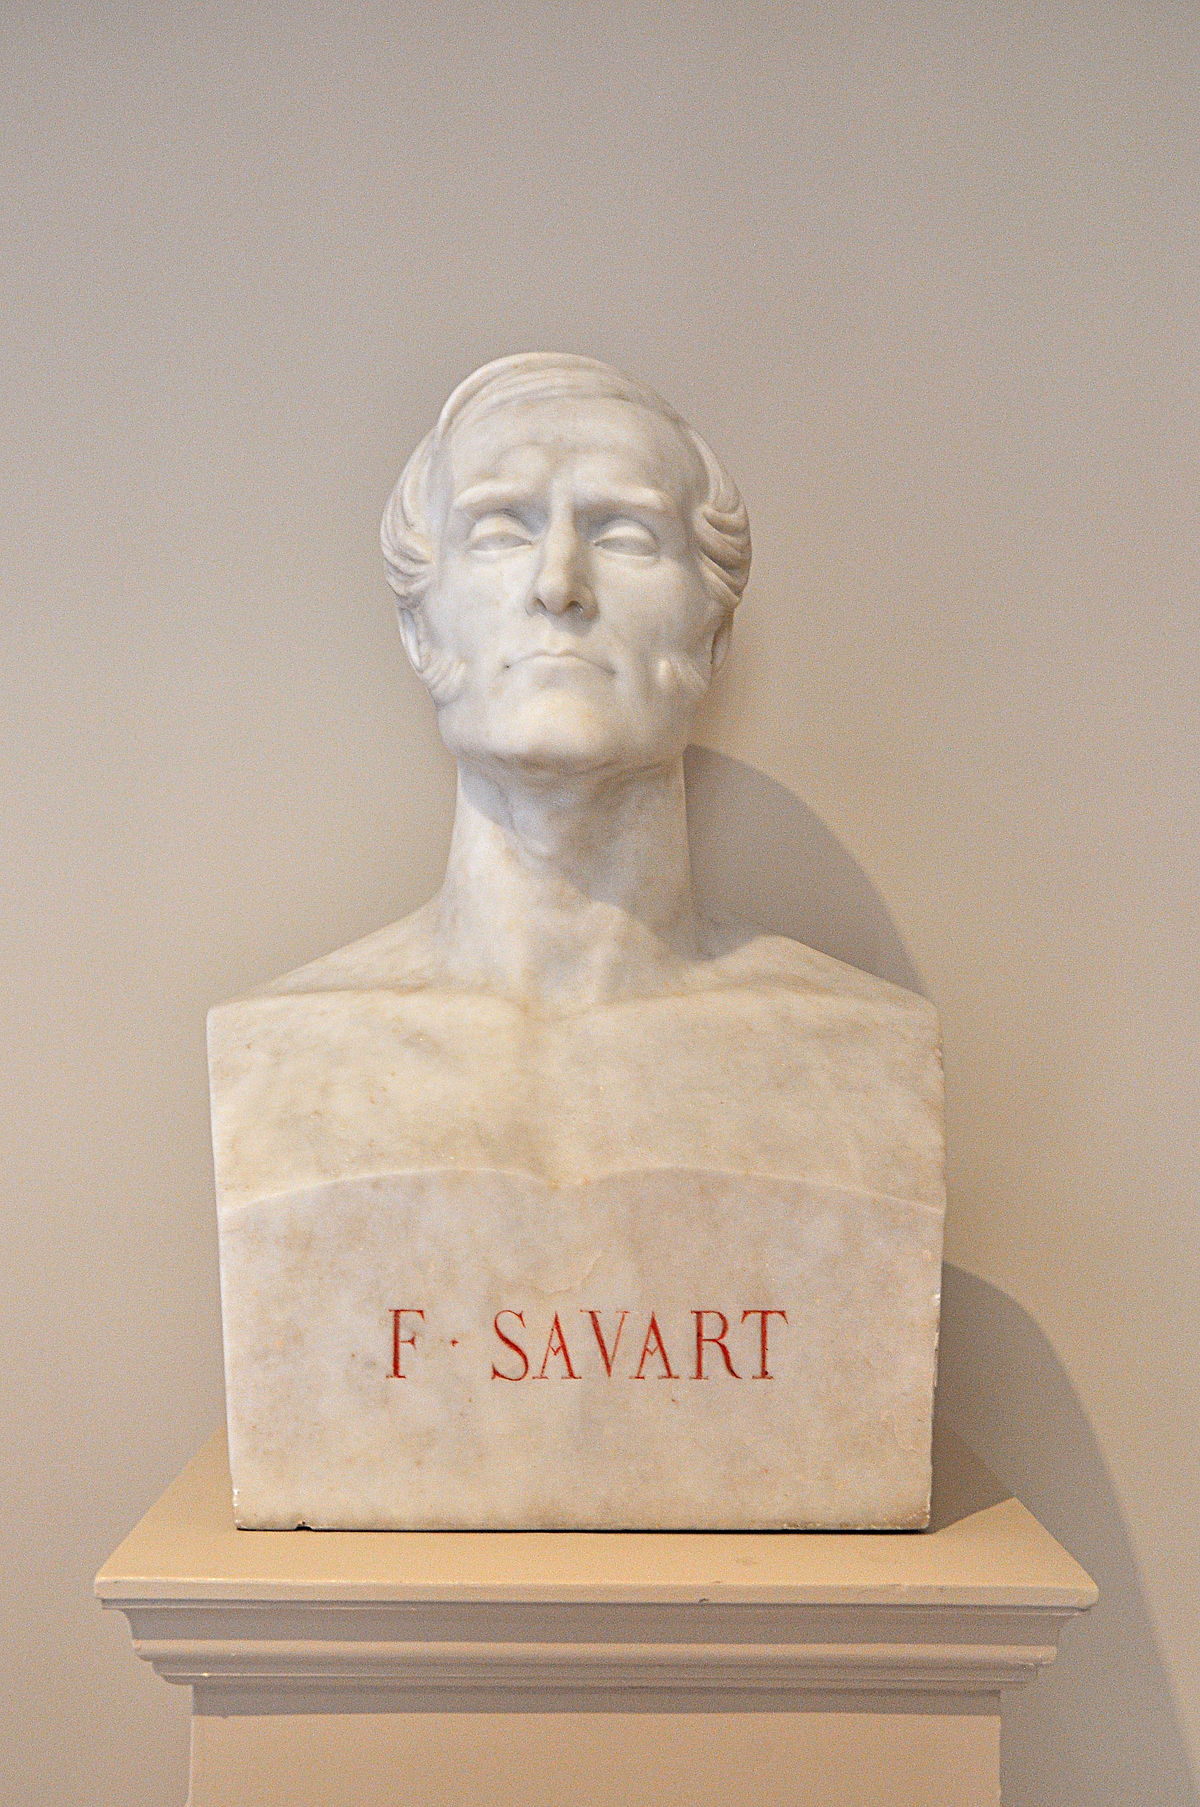 Félix Savart - Wikipedia